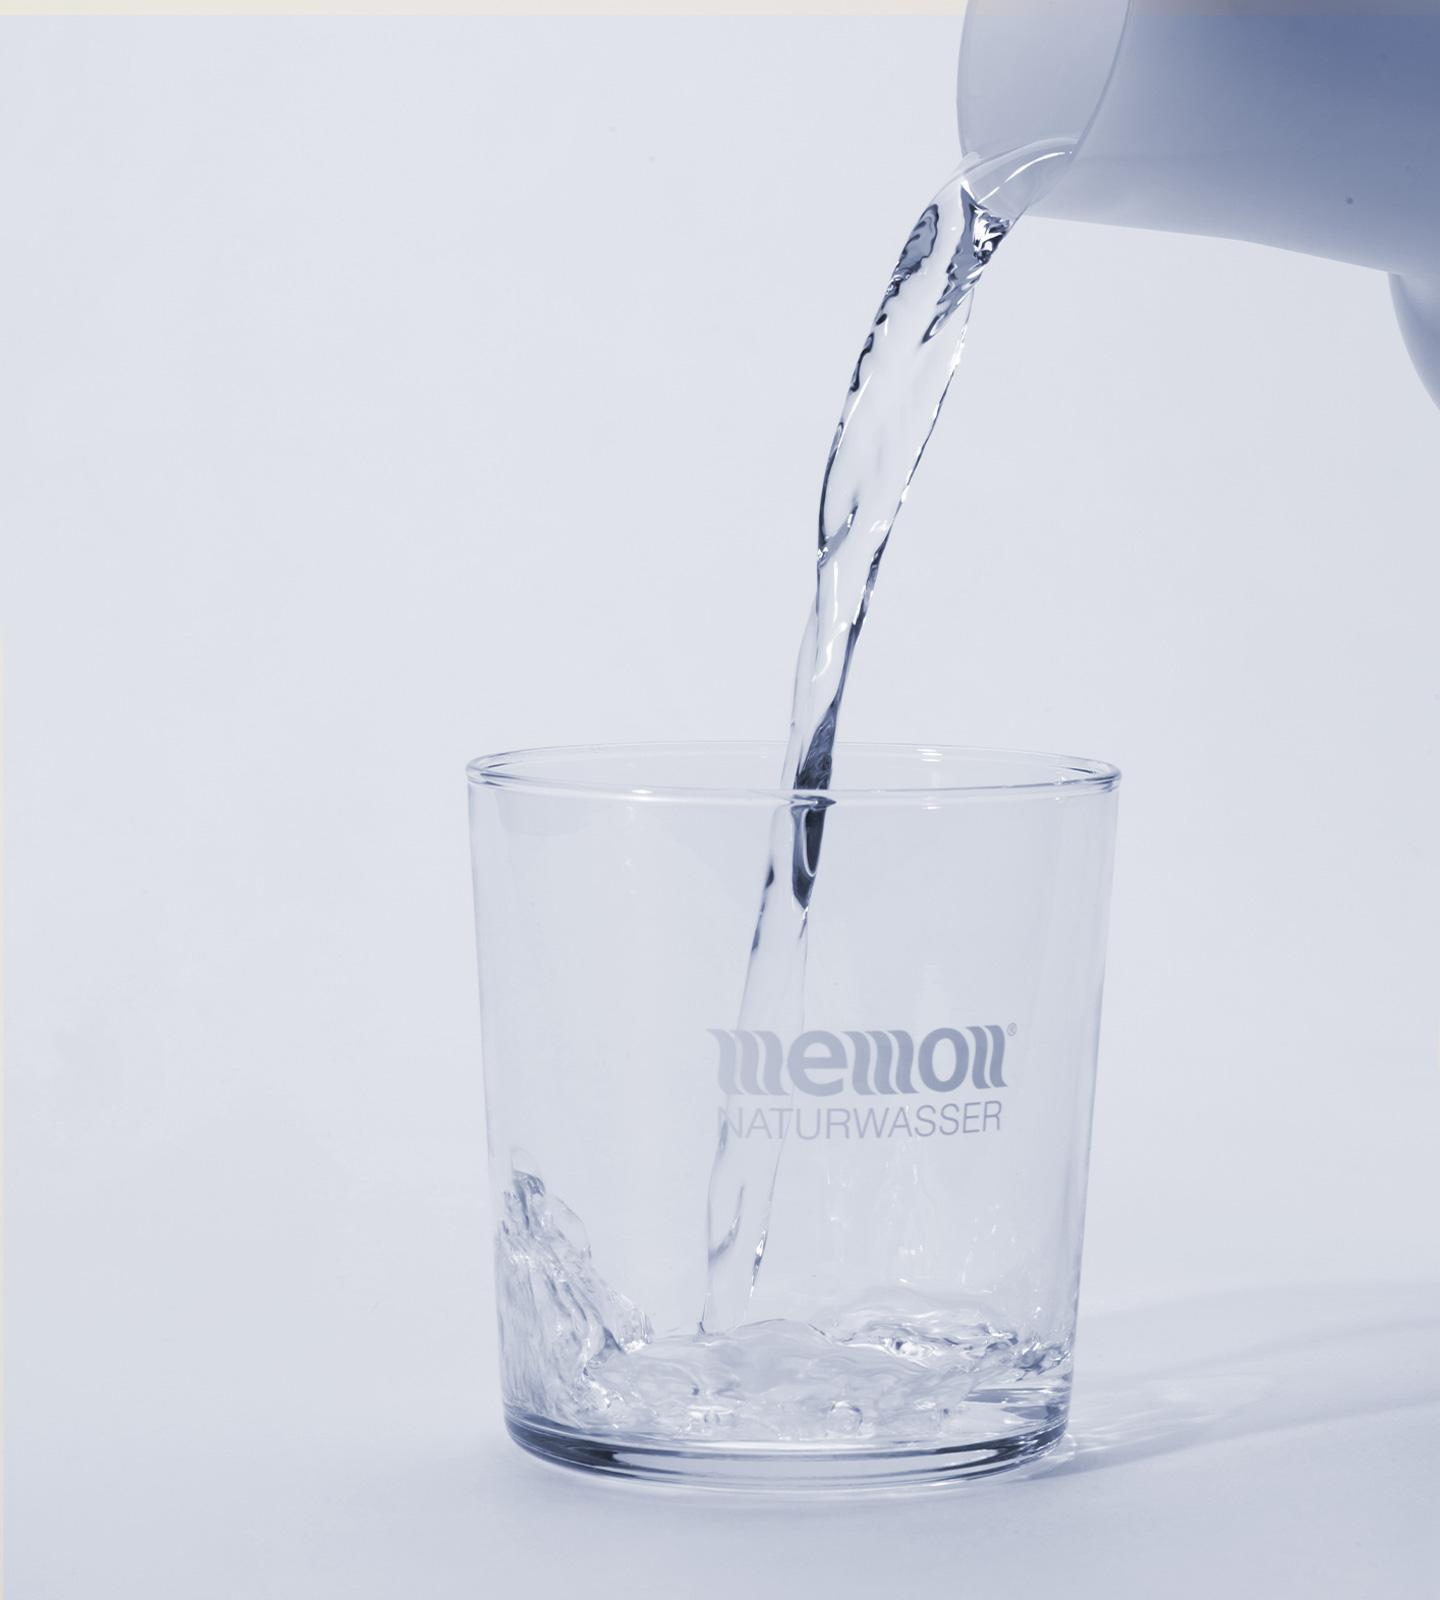 memonizerCARAFE beim Einschänken in ein Glas